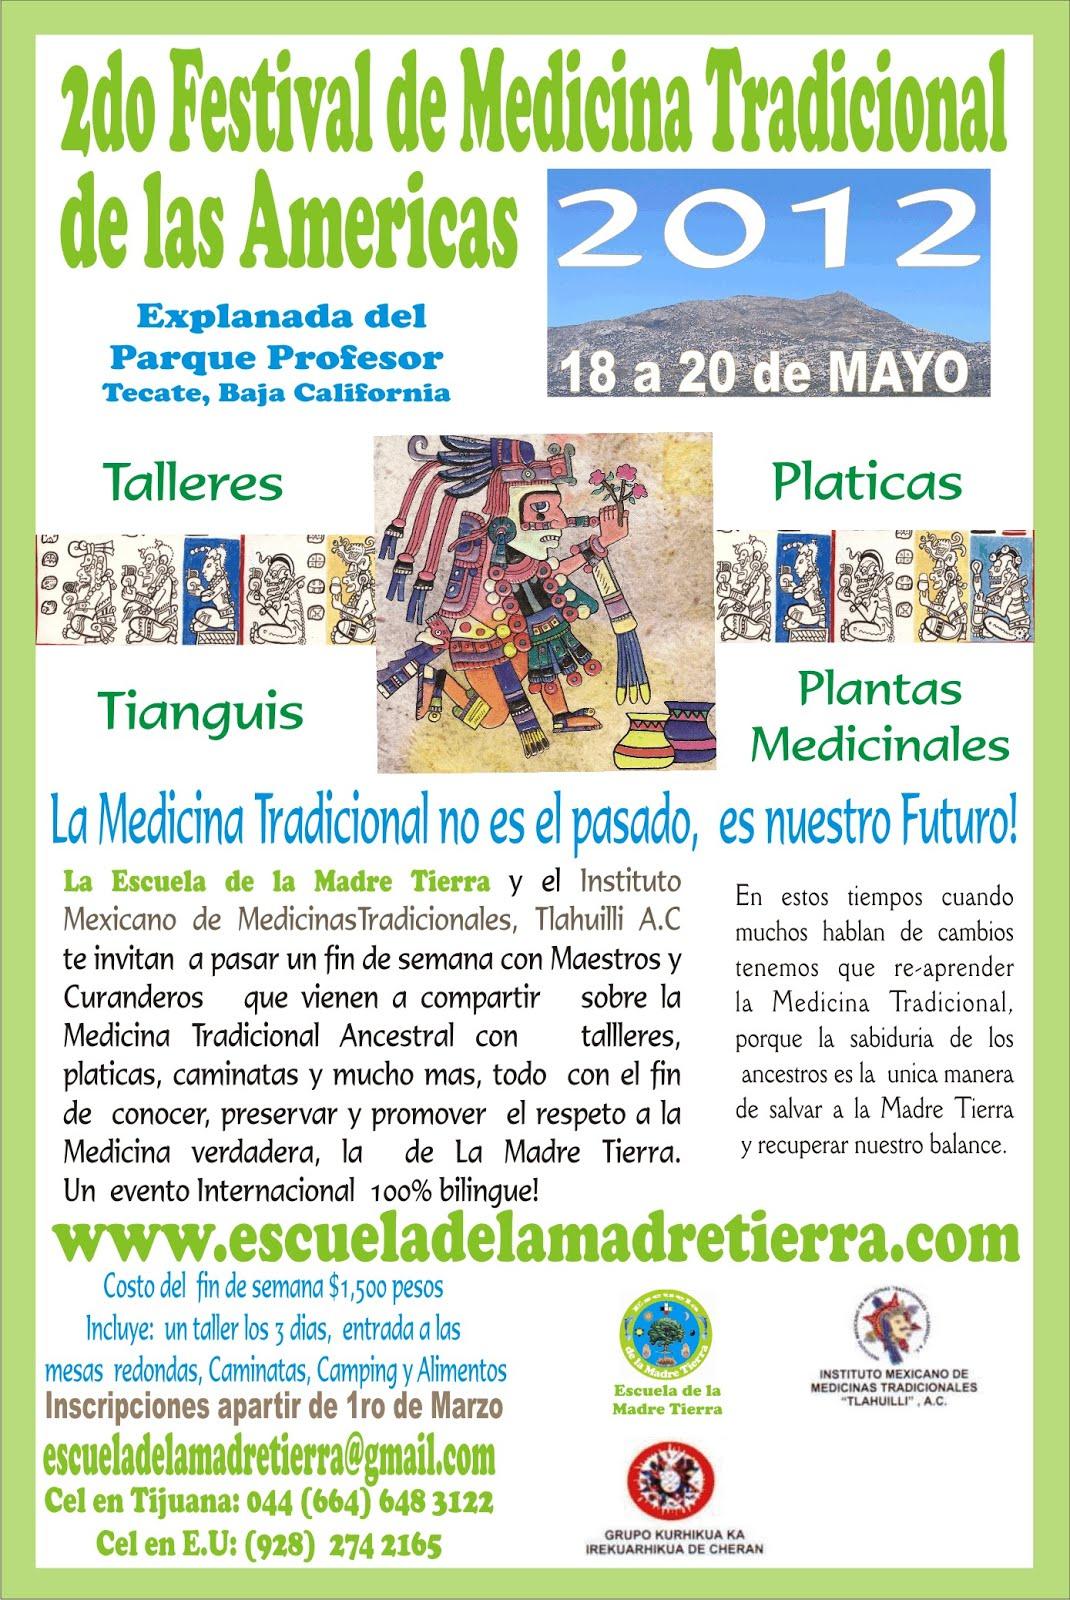 FESTIVAL MEDICINA TRADICIONAL 2012